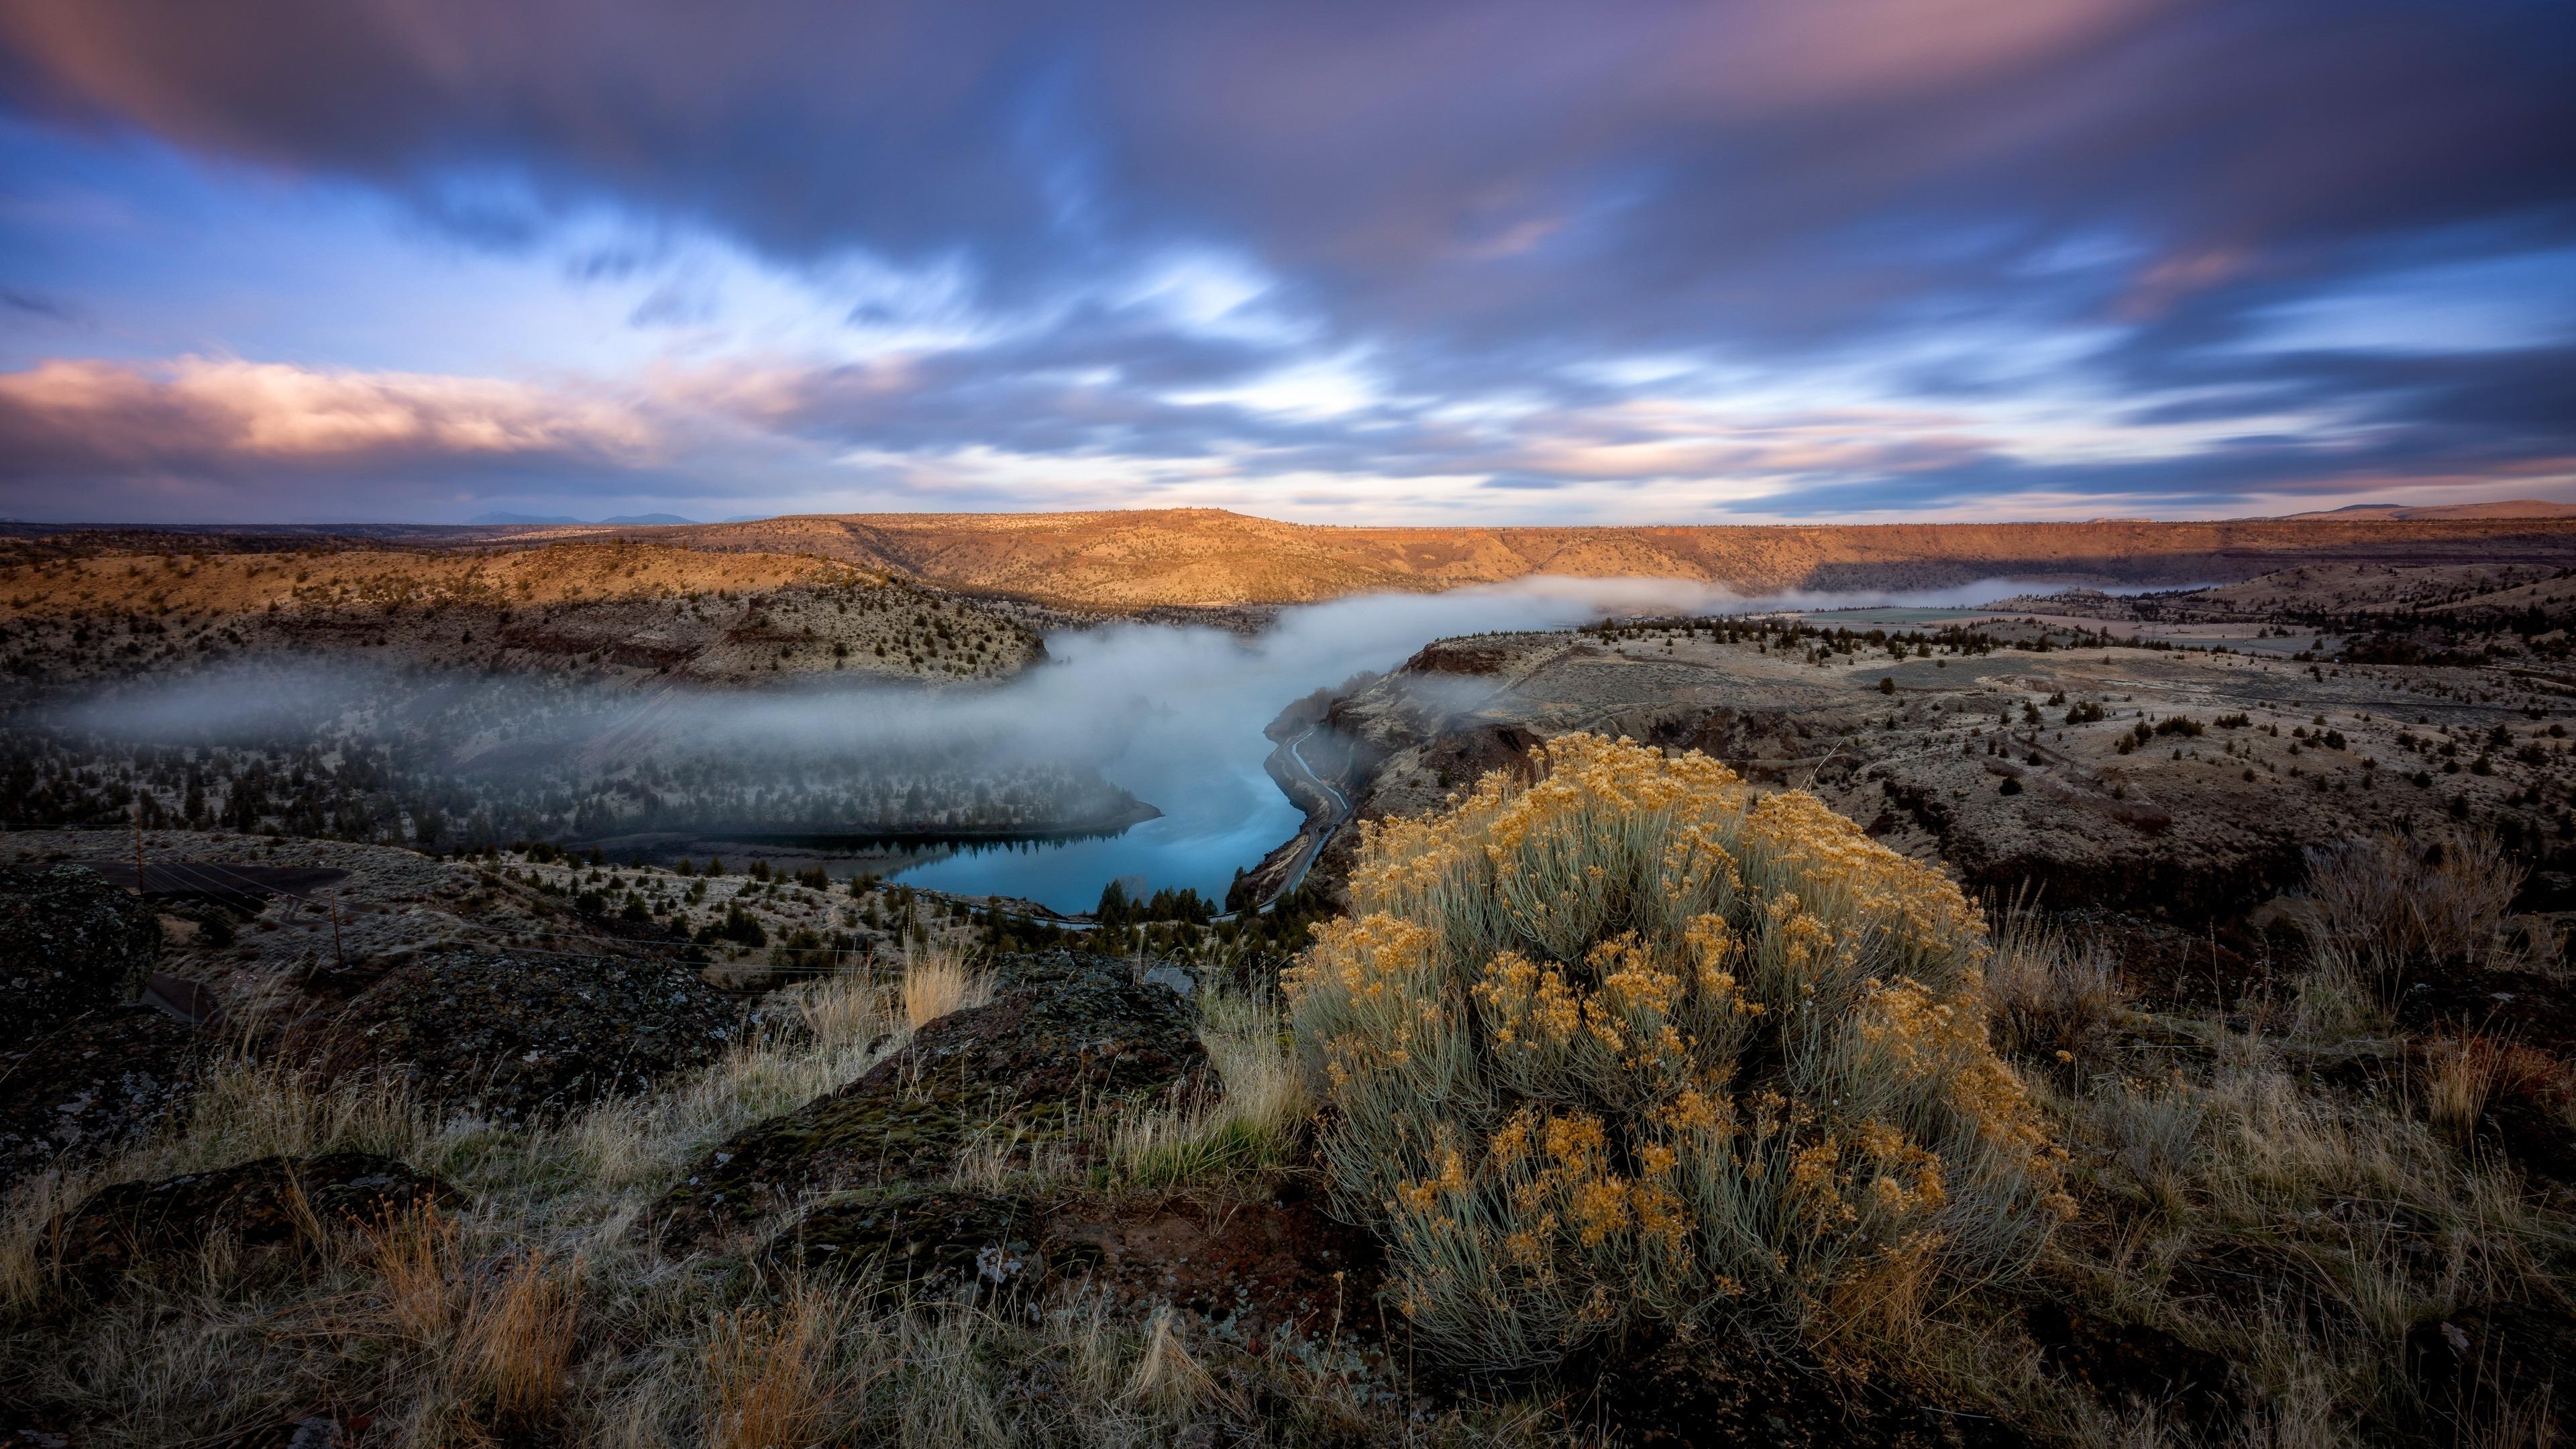 壁紙 川 山 木々 霧 朝 自然の風景 3840x2160 Uhd 4k 無料のデスクトップの背景 画像